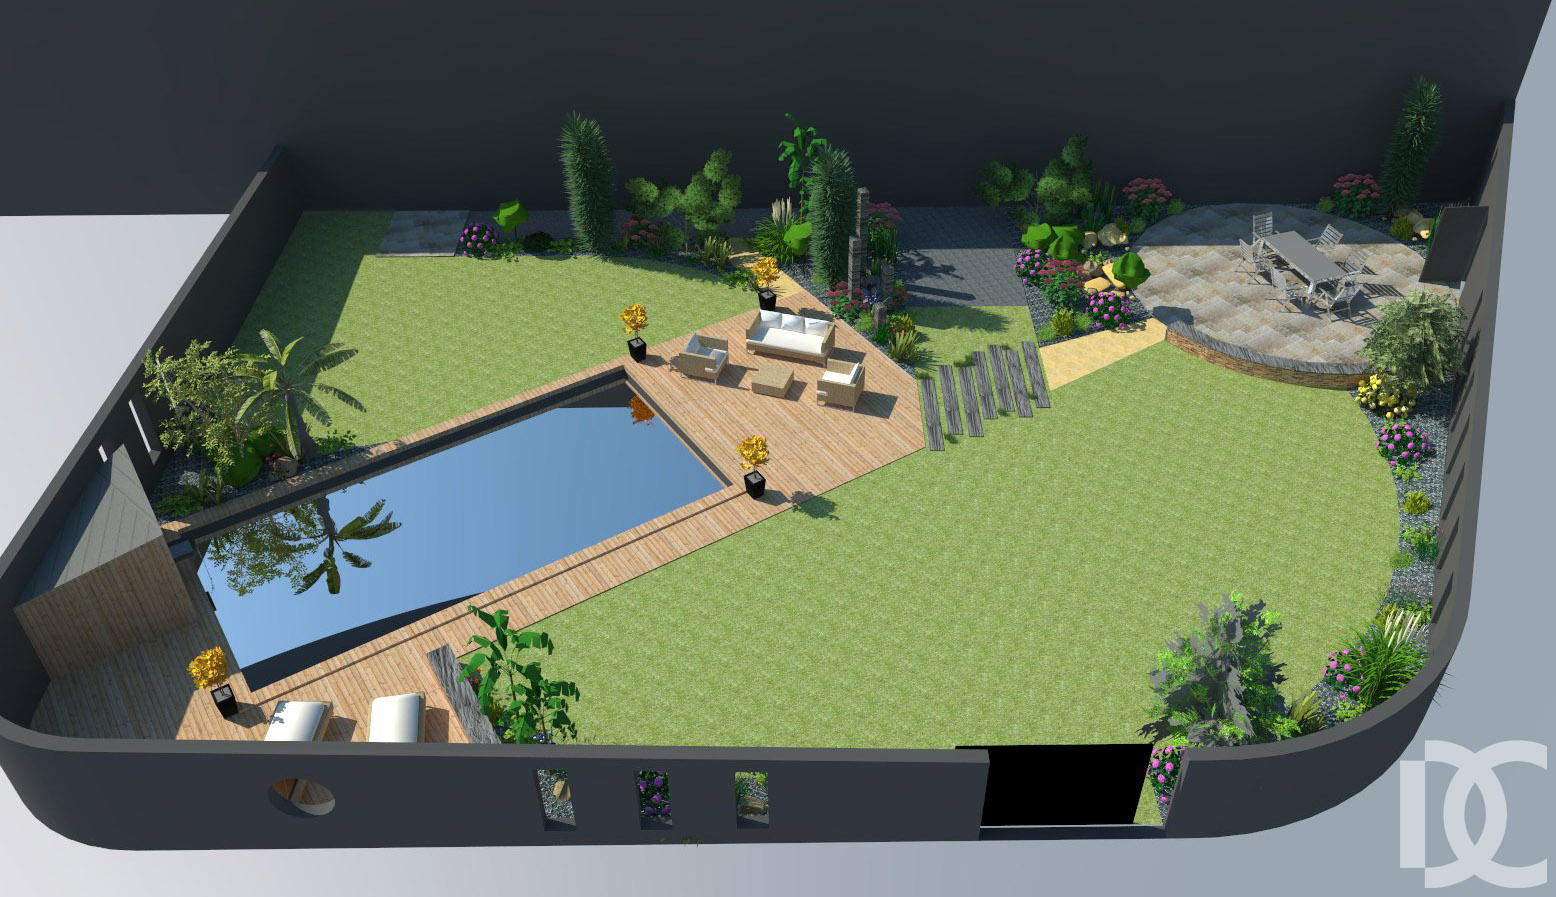 Jardin clos 53 jardin decressac for Jardin clos